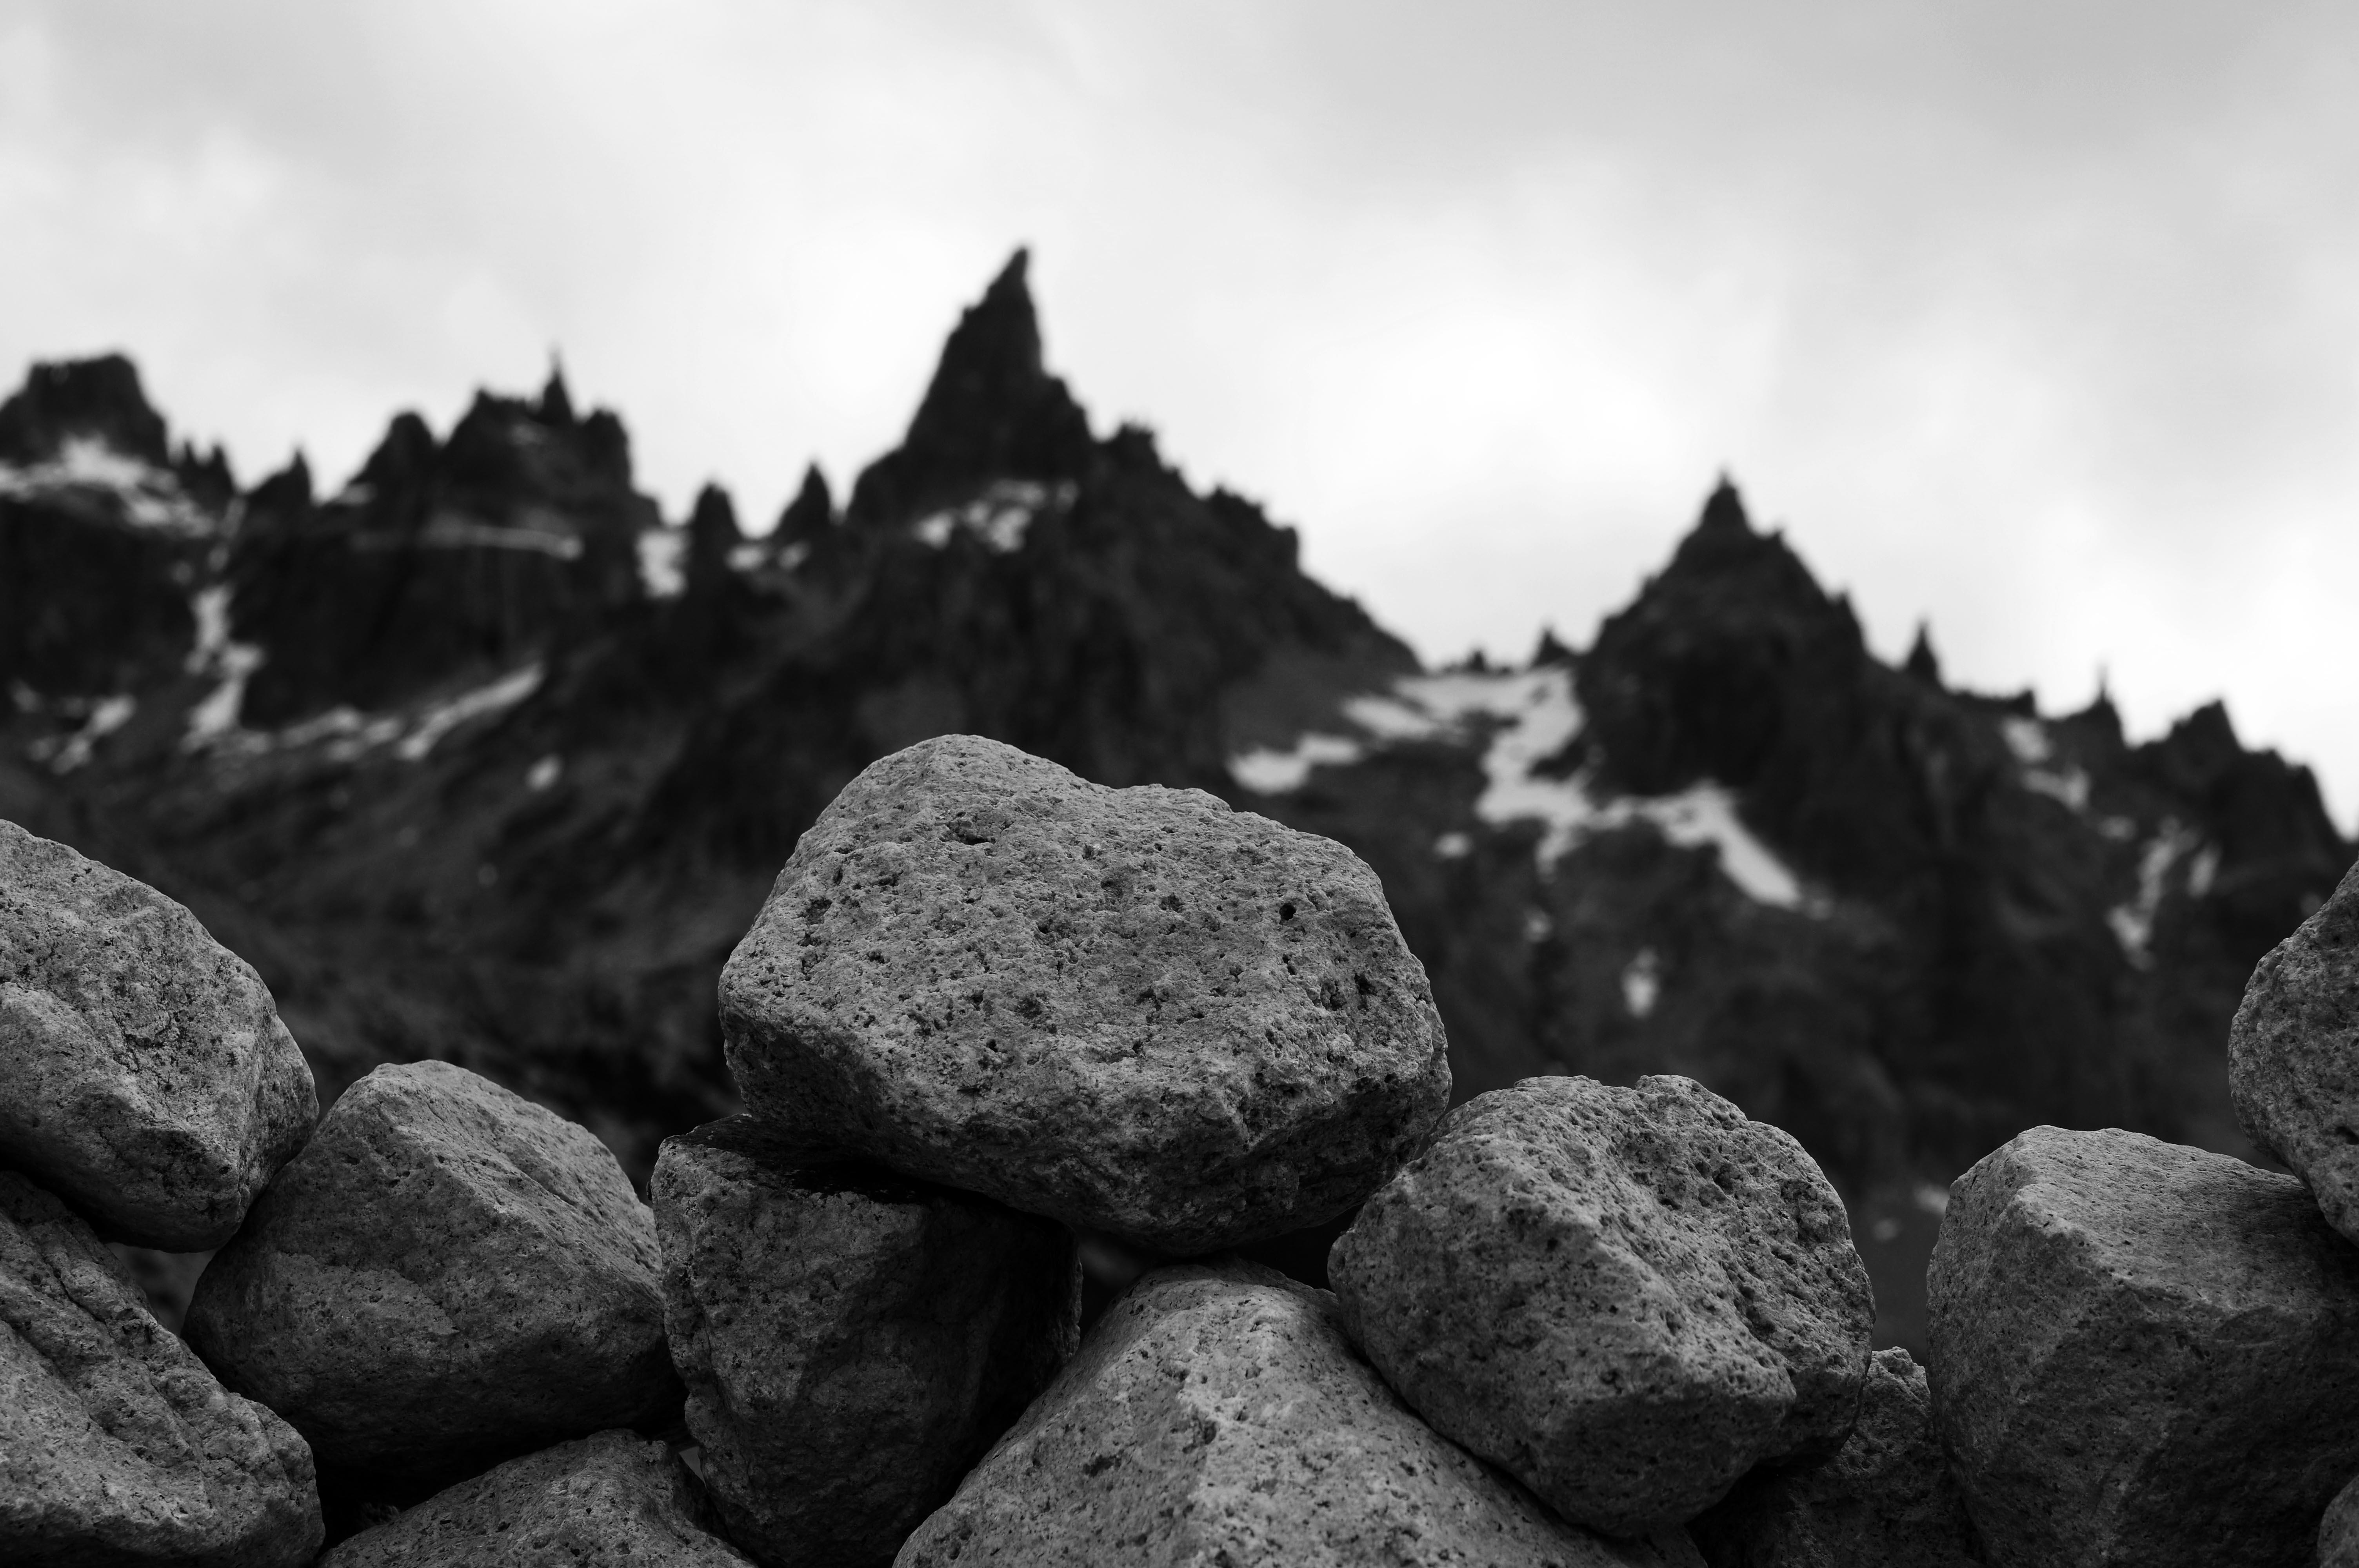 180101_Bariloche-Cerro Catedral29-b&w